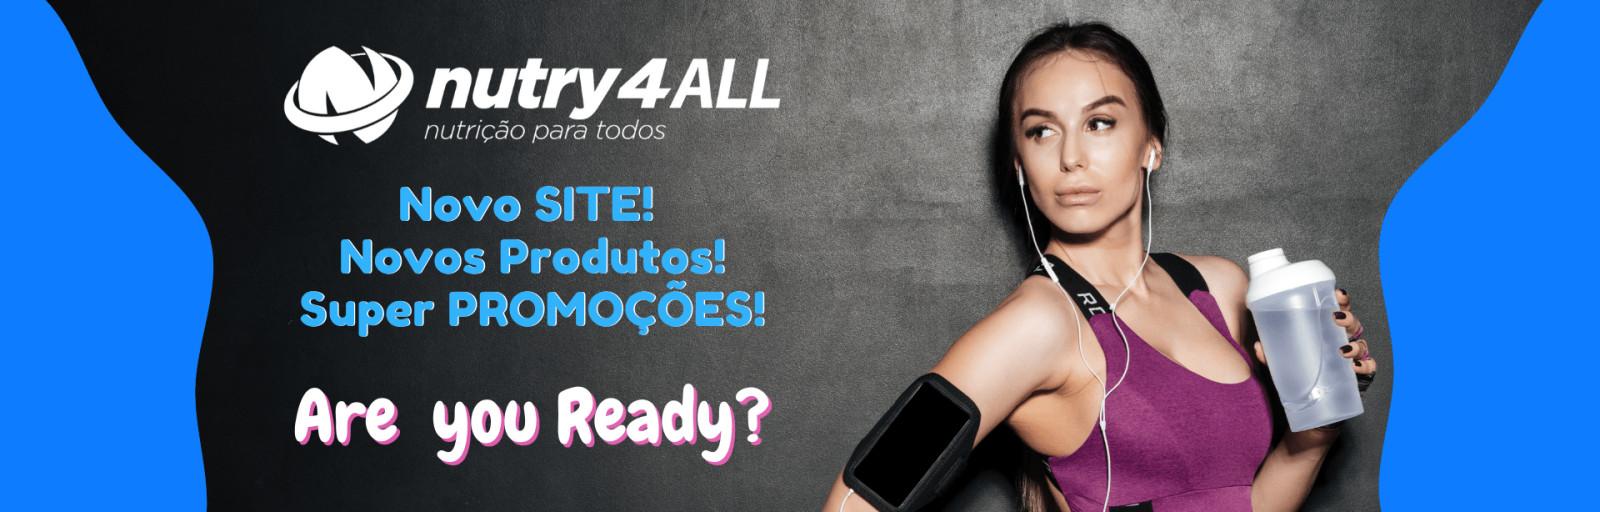 nutry4ALL - Novo Site, Novos Produtos, Super Promoções